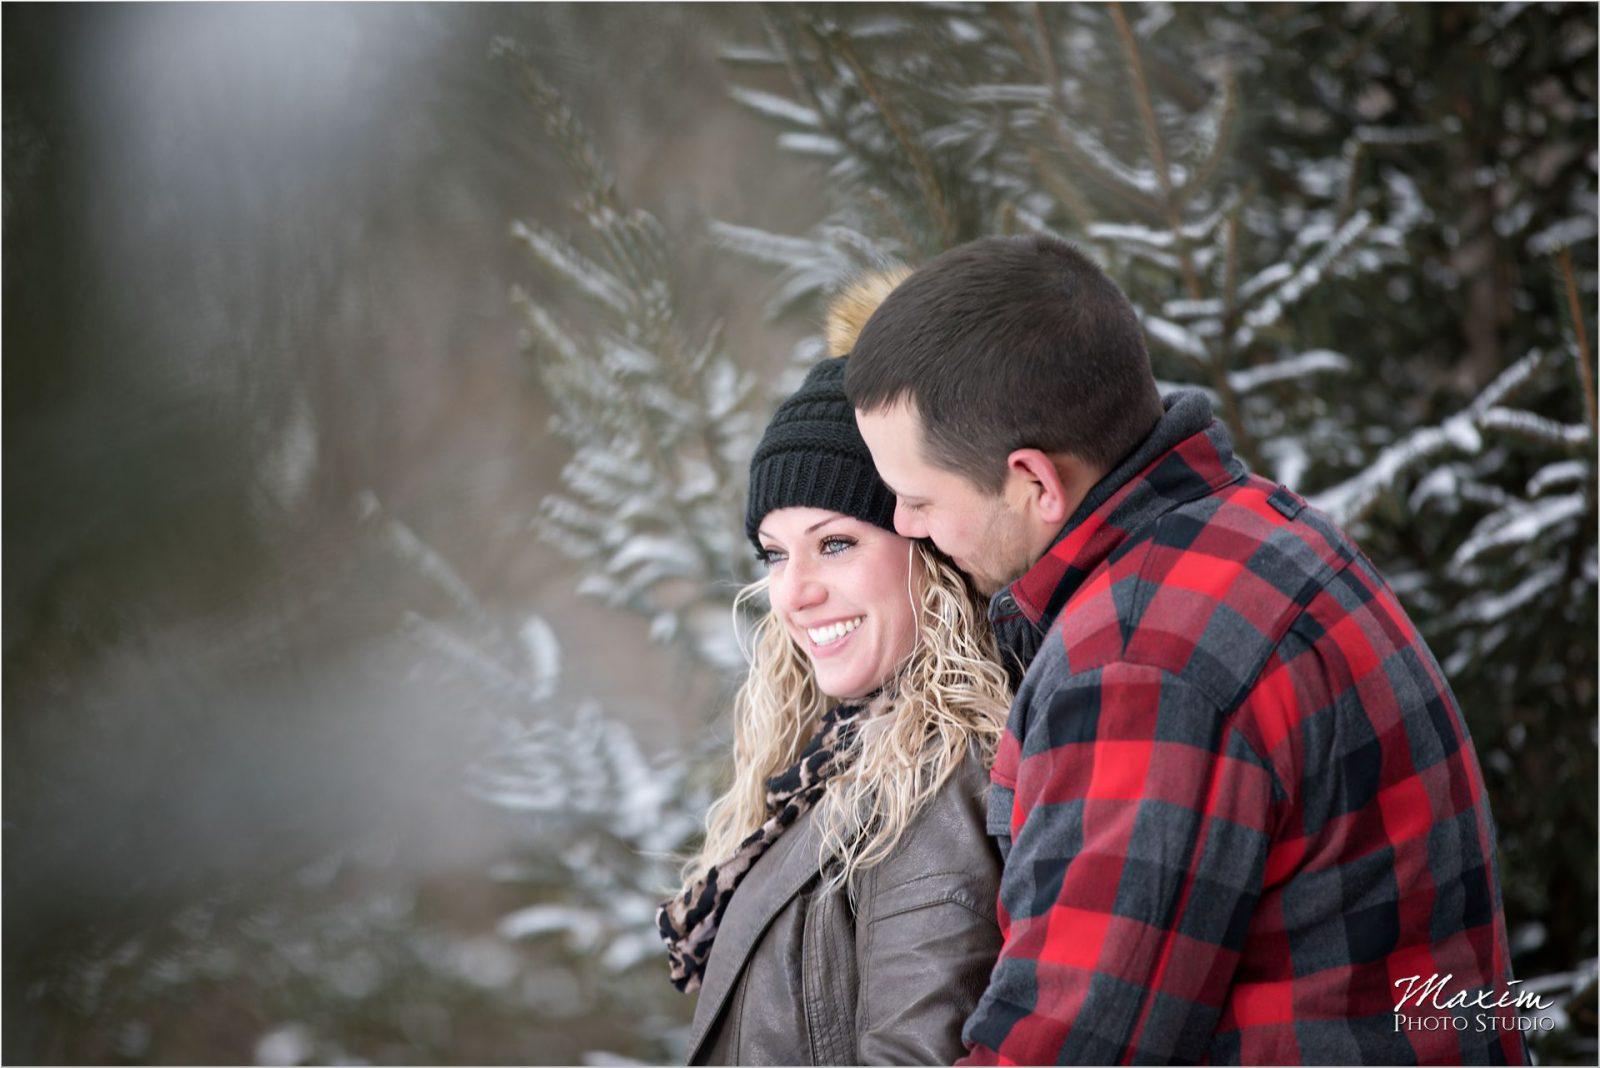 Devou Park Bombogenesis Winter Kentucky engagement